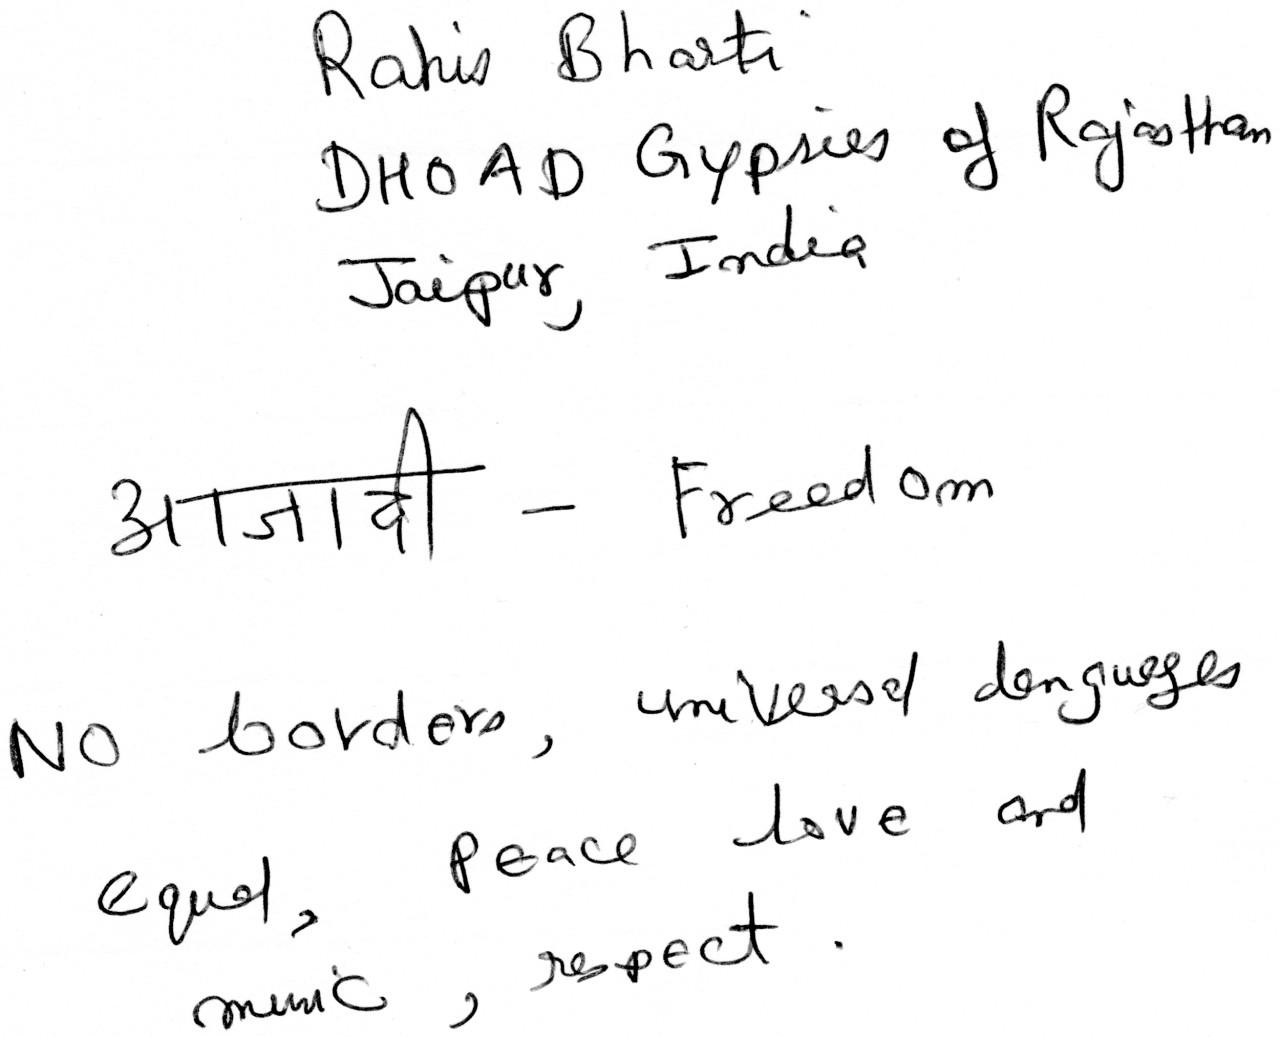 Photo of original, handwritten definition